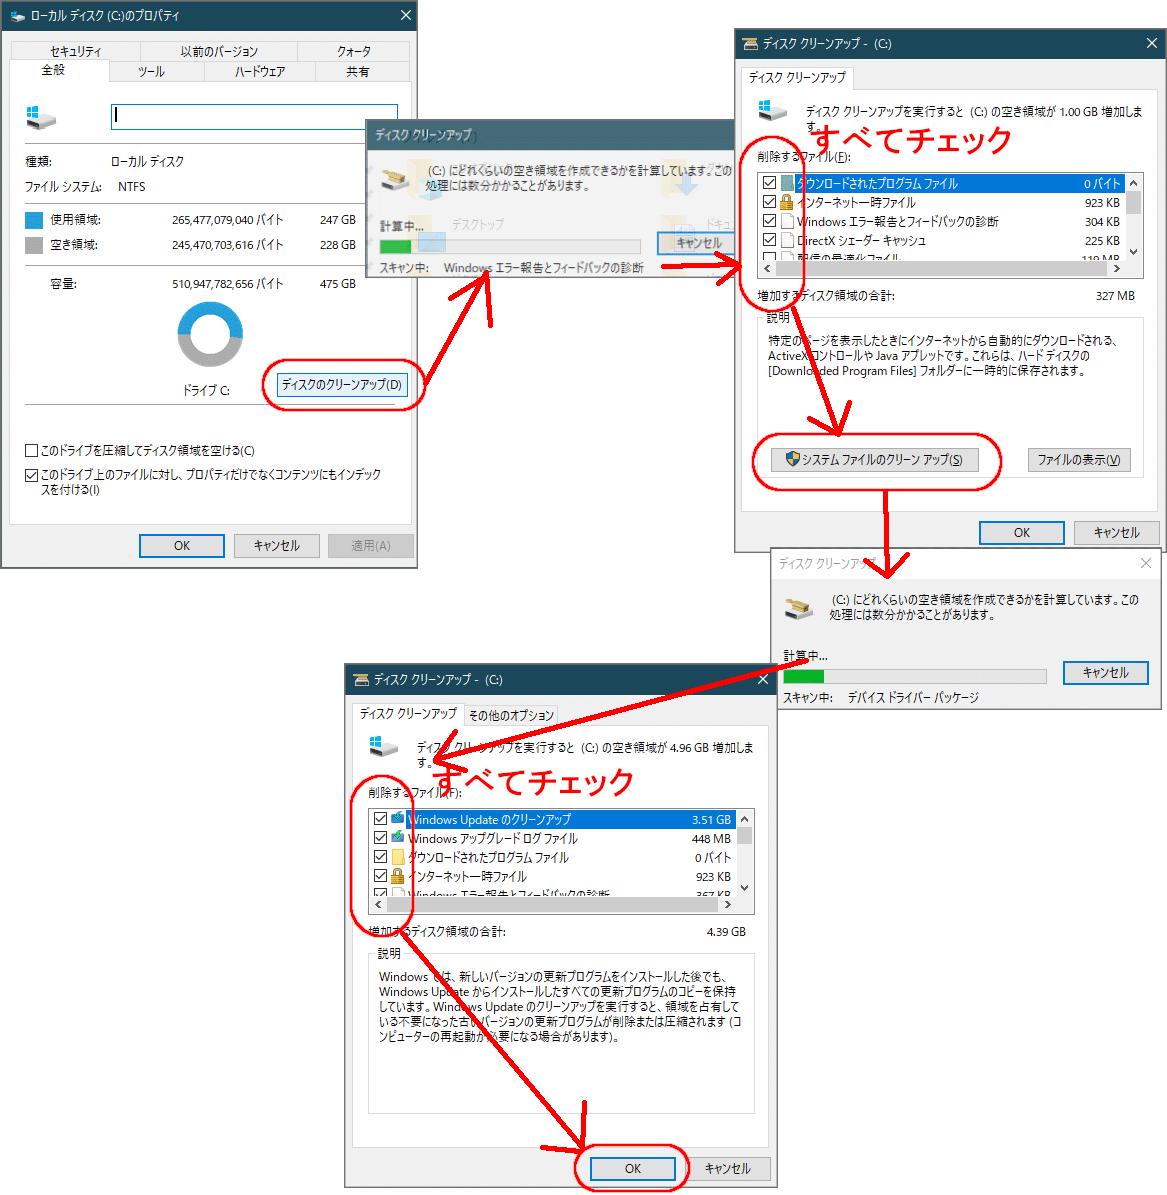 システムファイルのクリーンアップをおこなう手順